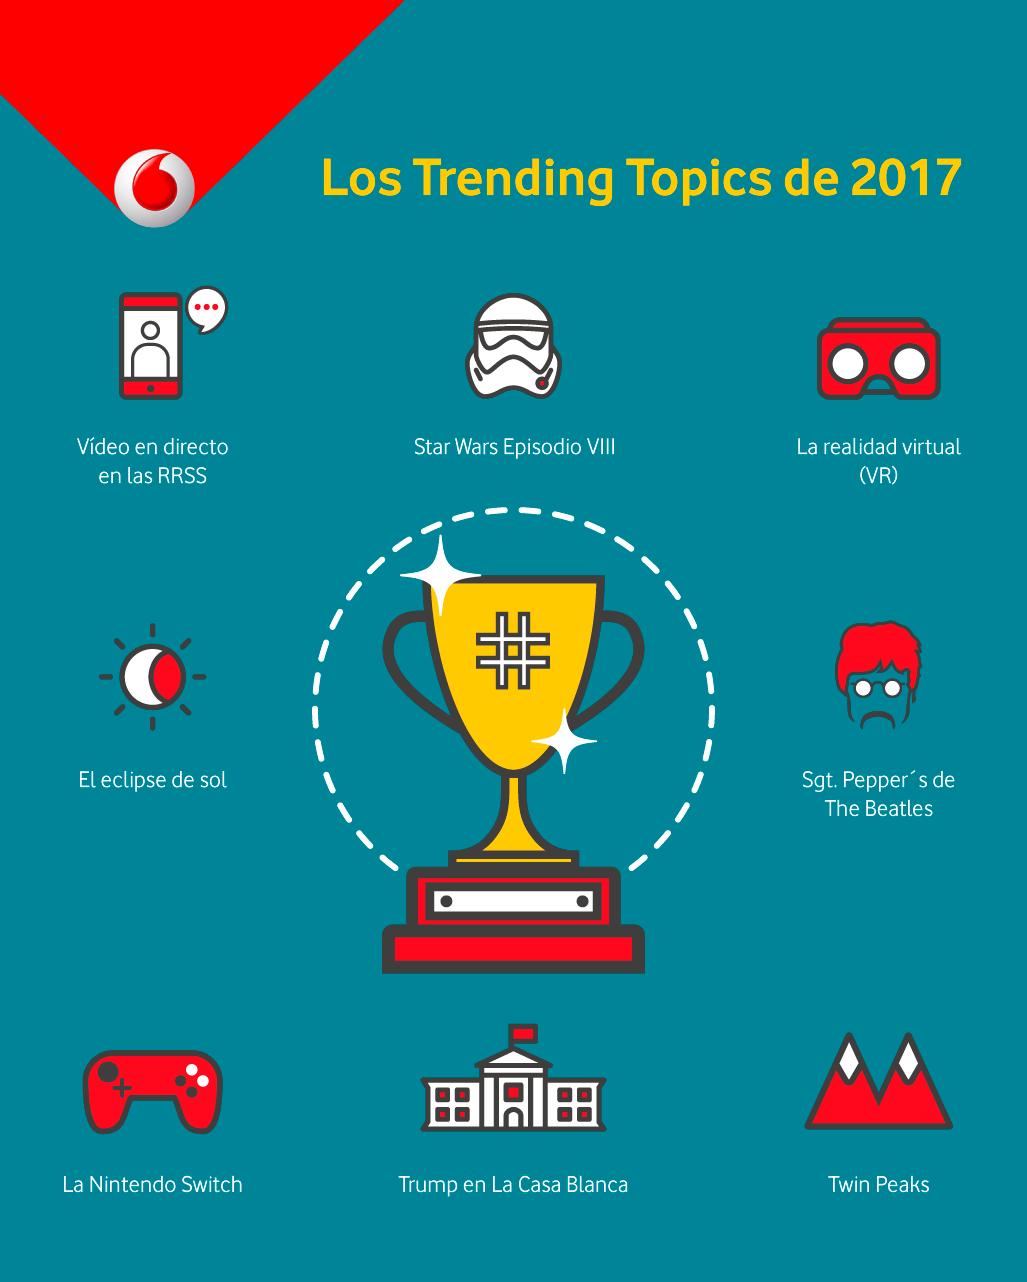 Los Trending Topics de 2017